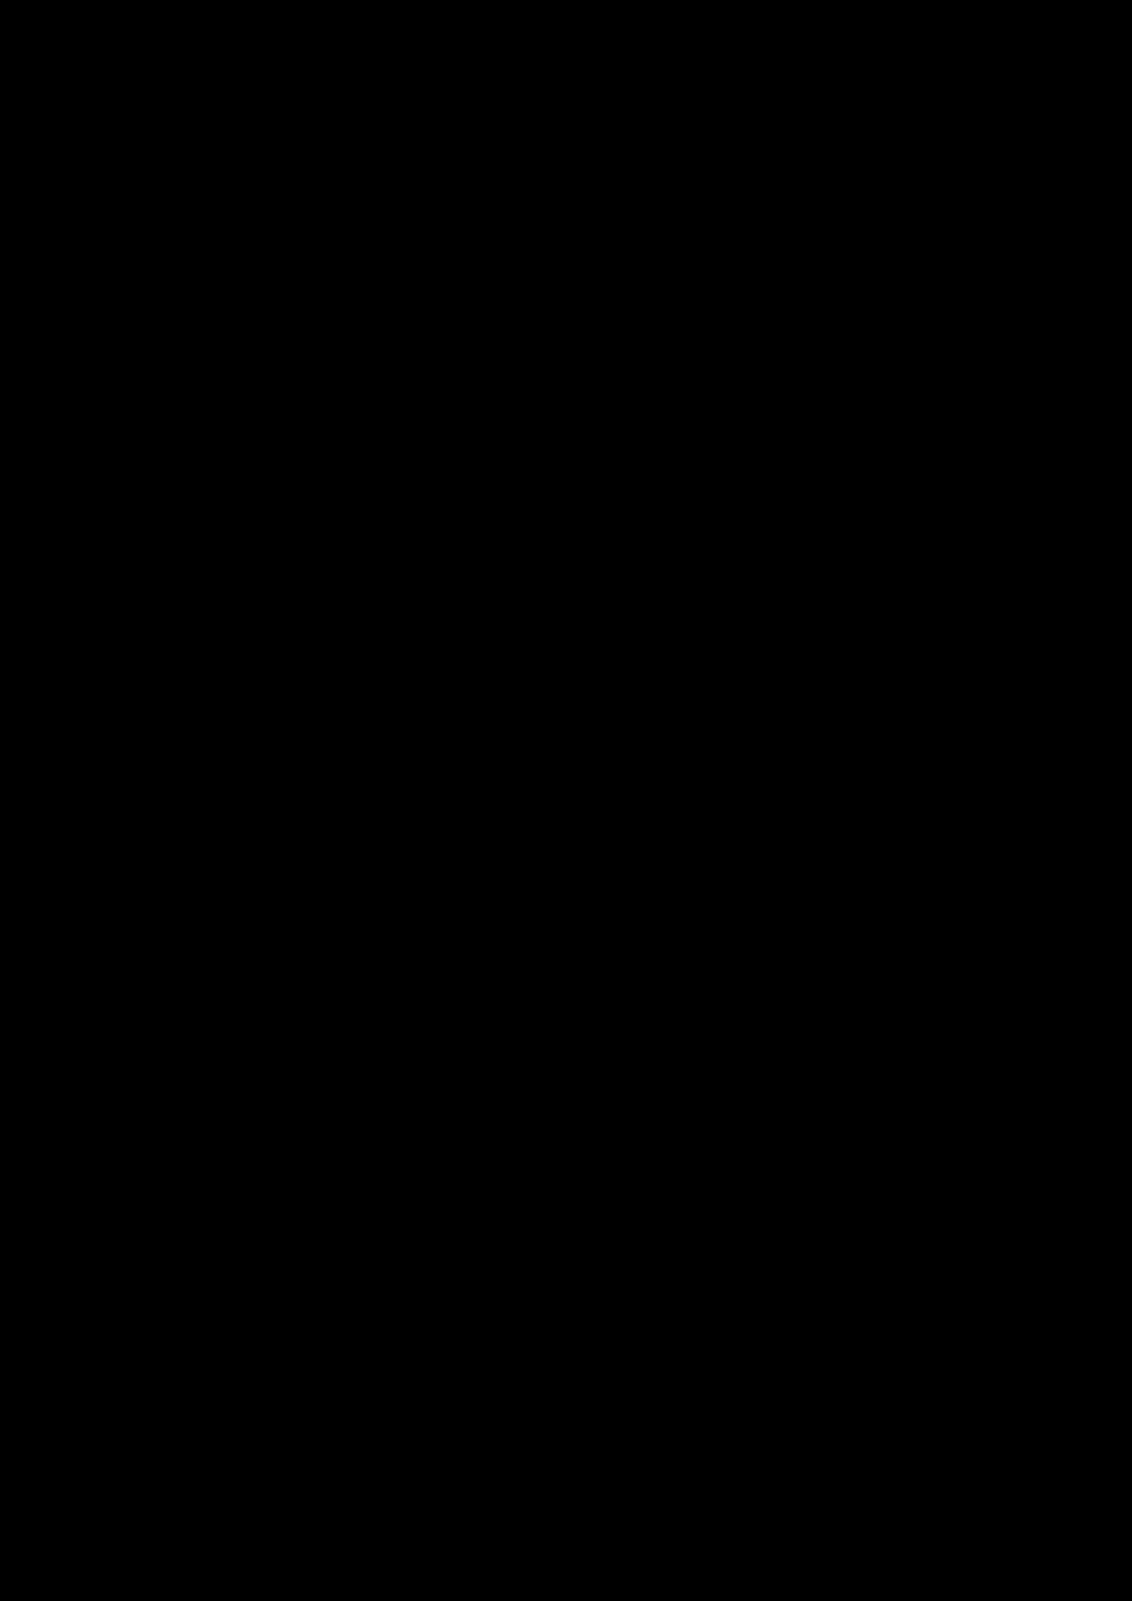 Zagadka volshebnoy stranyi slide, Image 91